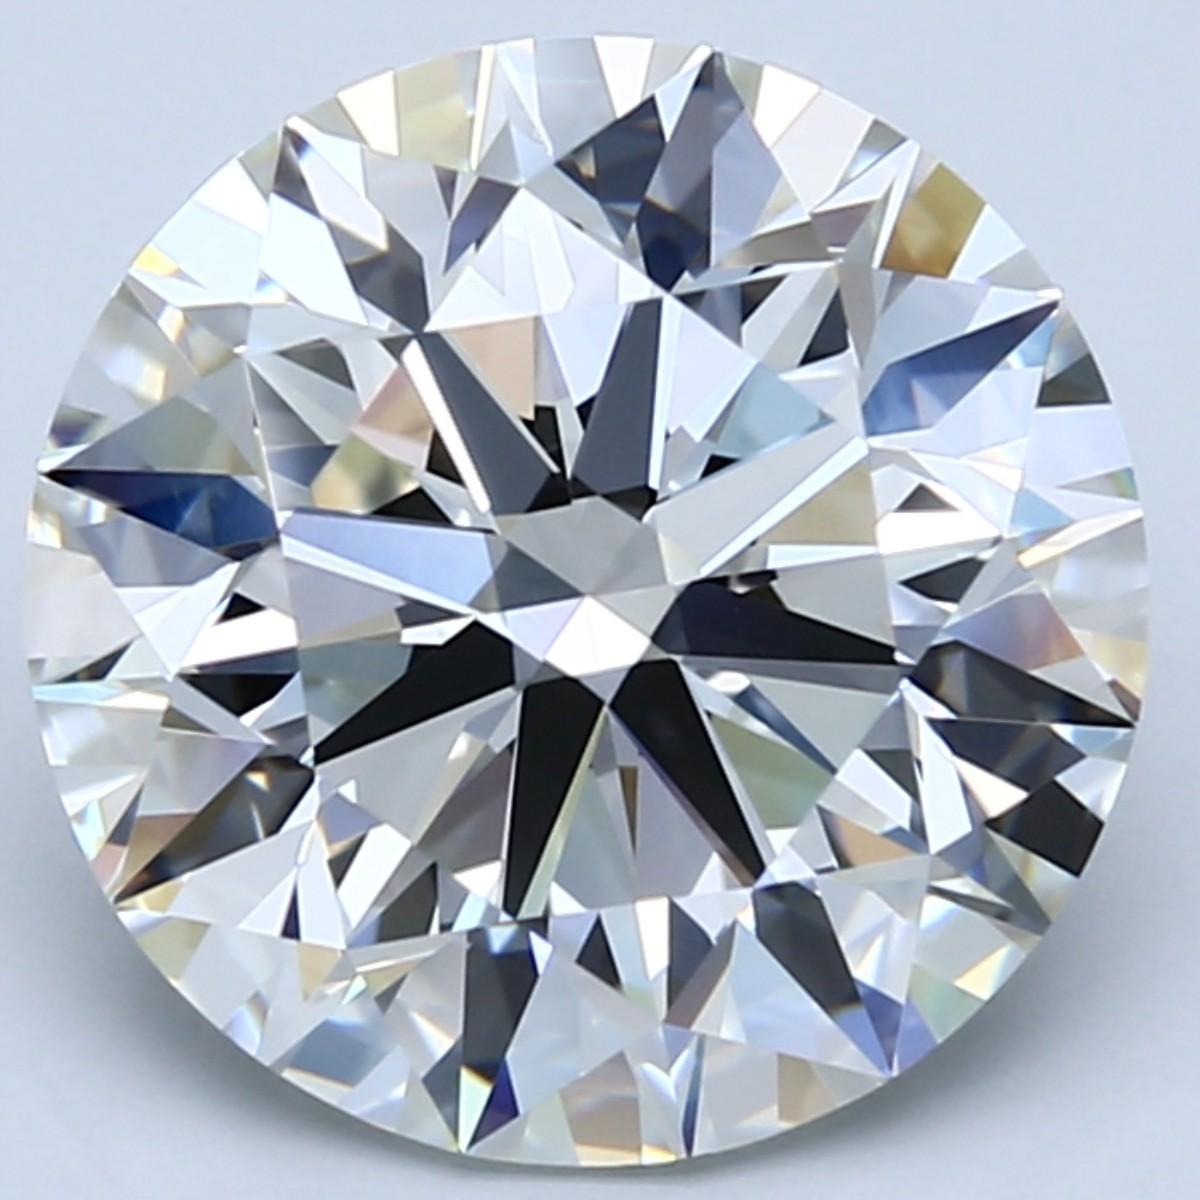 6 carat I color diamond